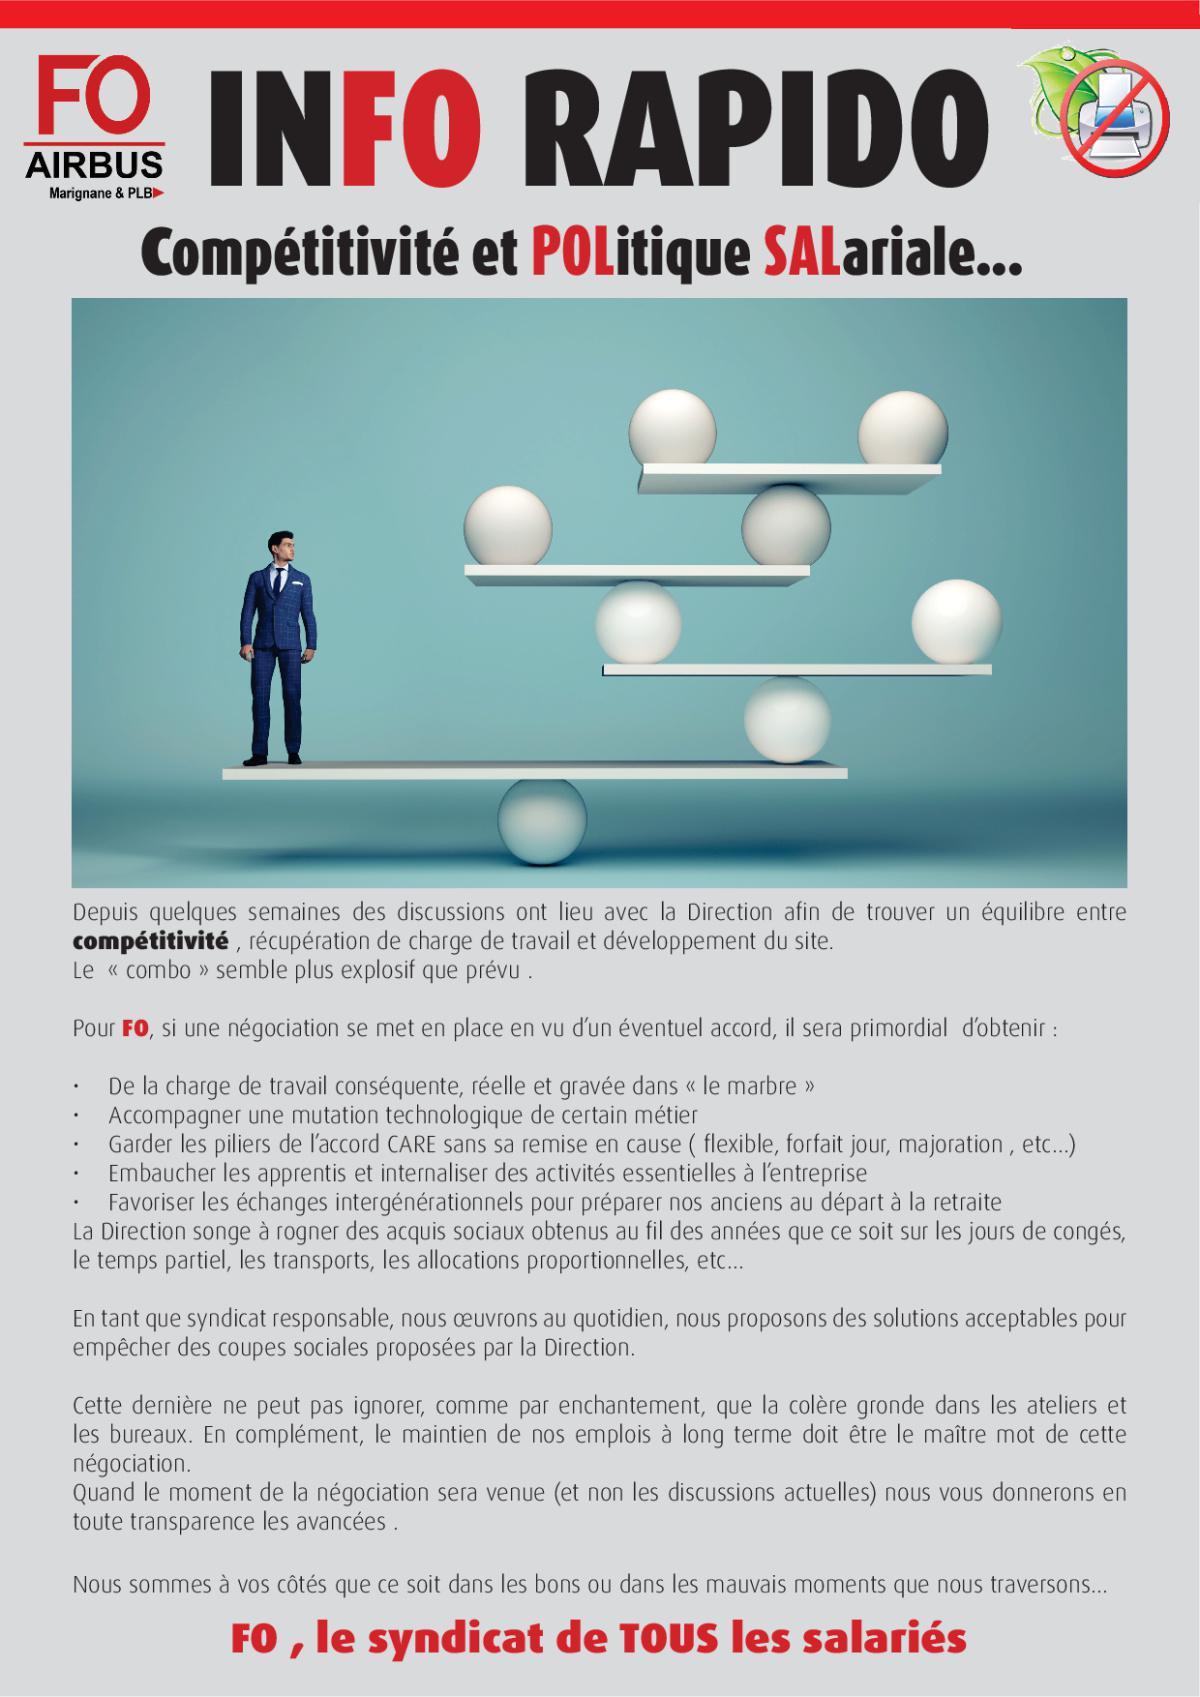 Info Rapido : Compétitivité et Politique Salariale...